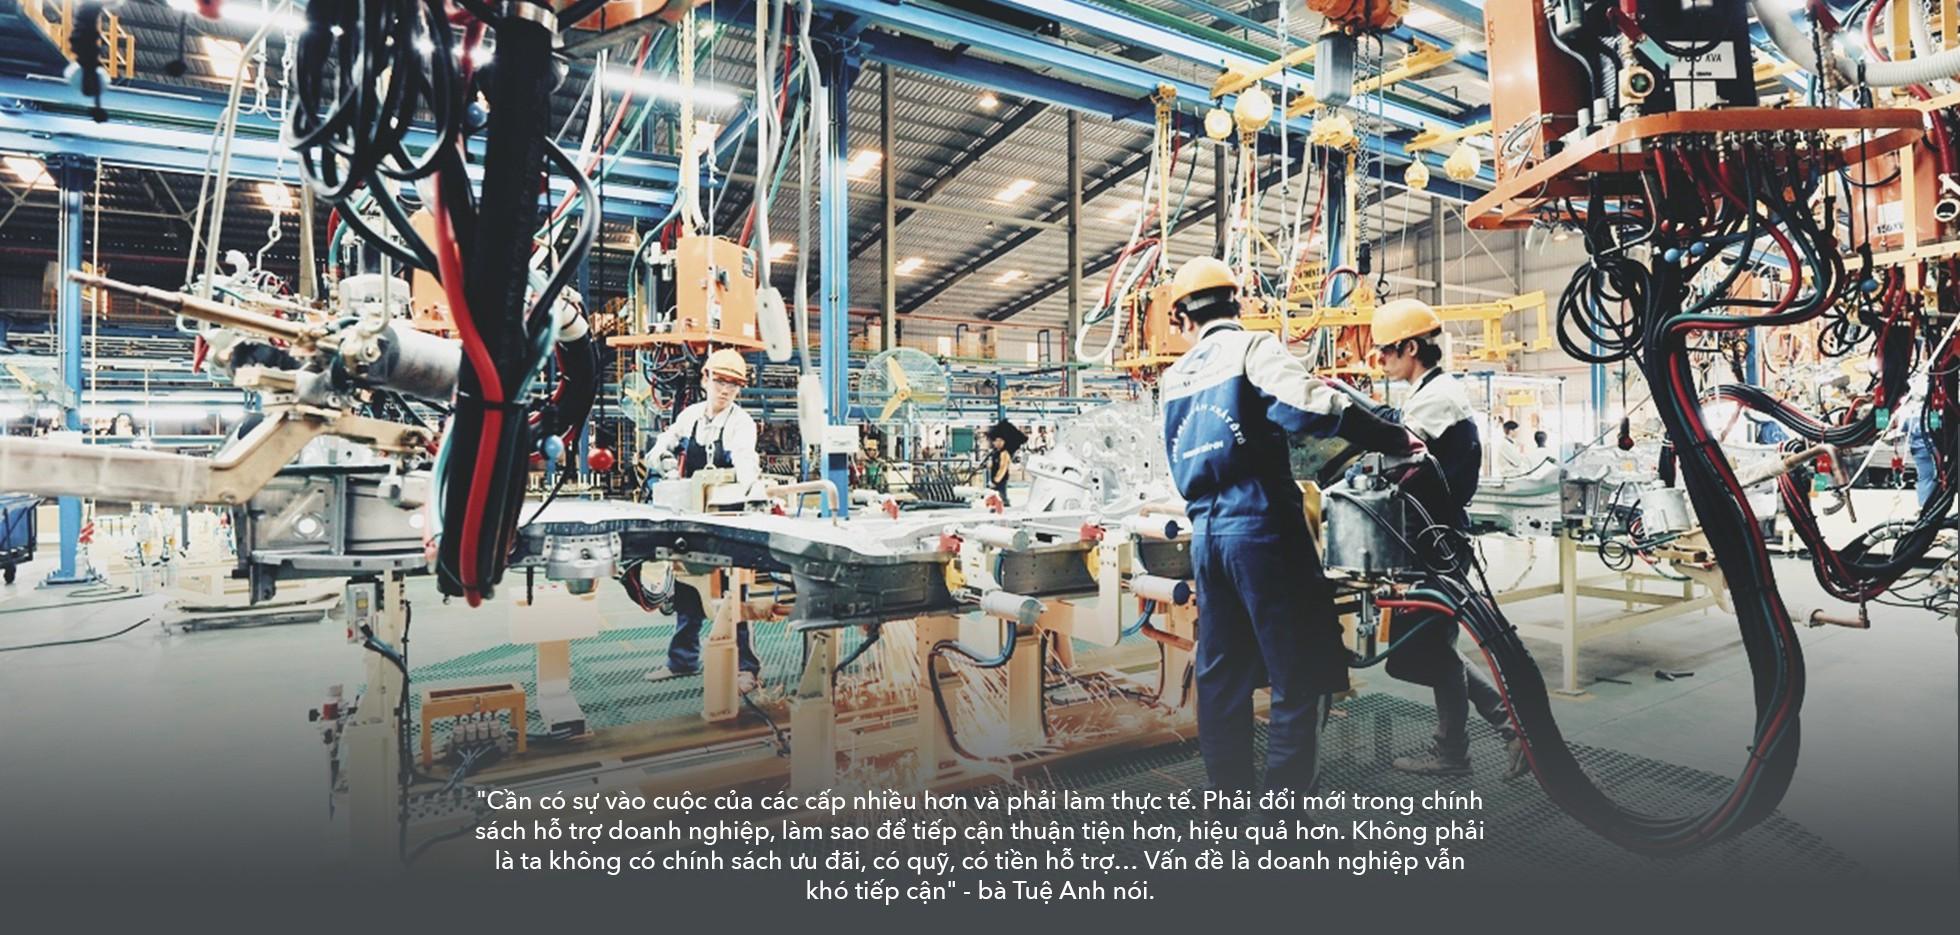 Công nghiệp hỗ trợ cho xe hơi: Trông người Thái mà ngẫm đến ta - Ảnh 19.